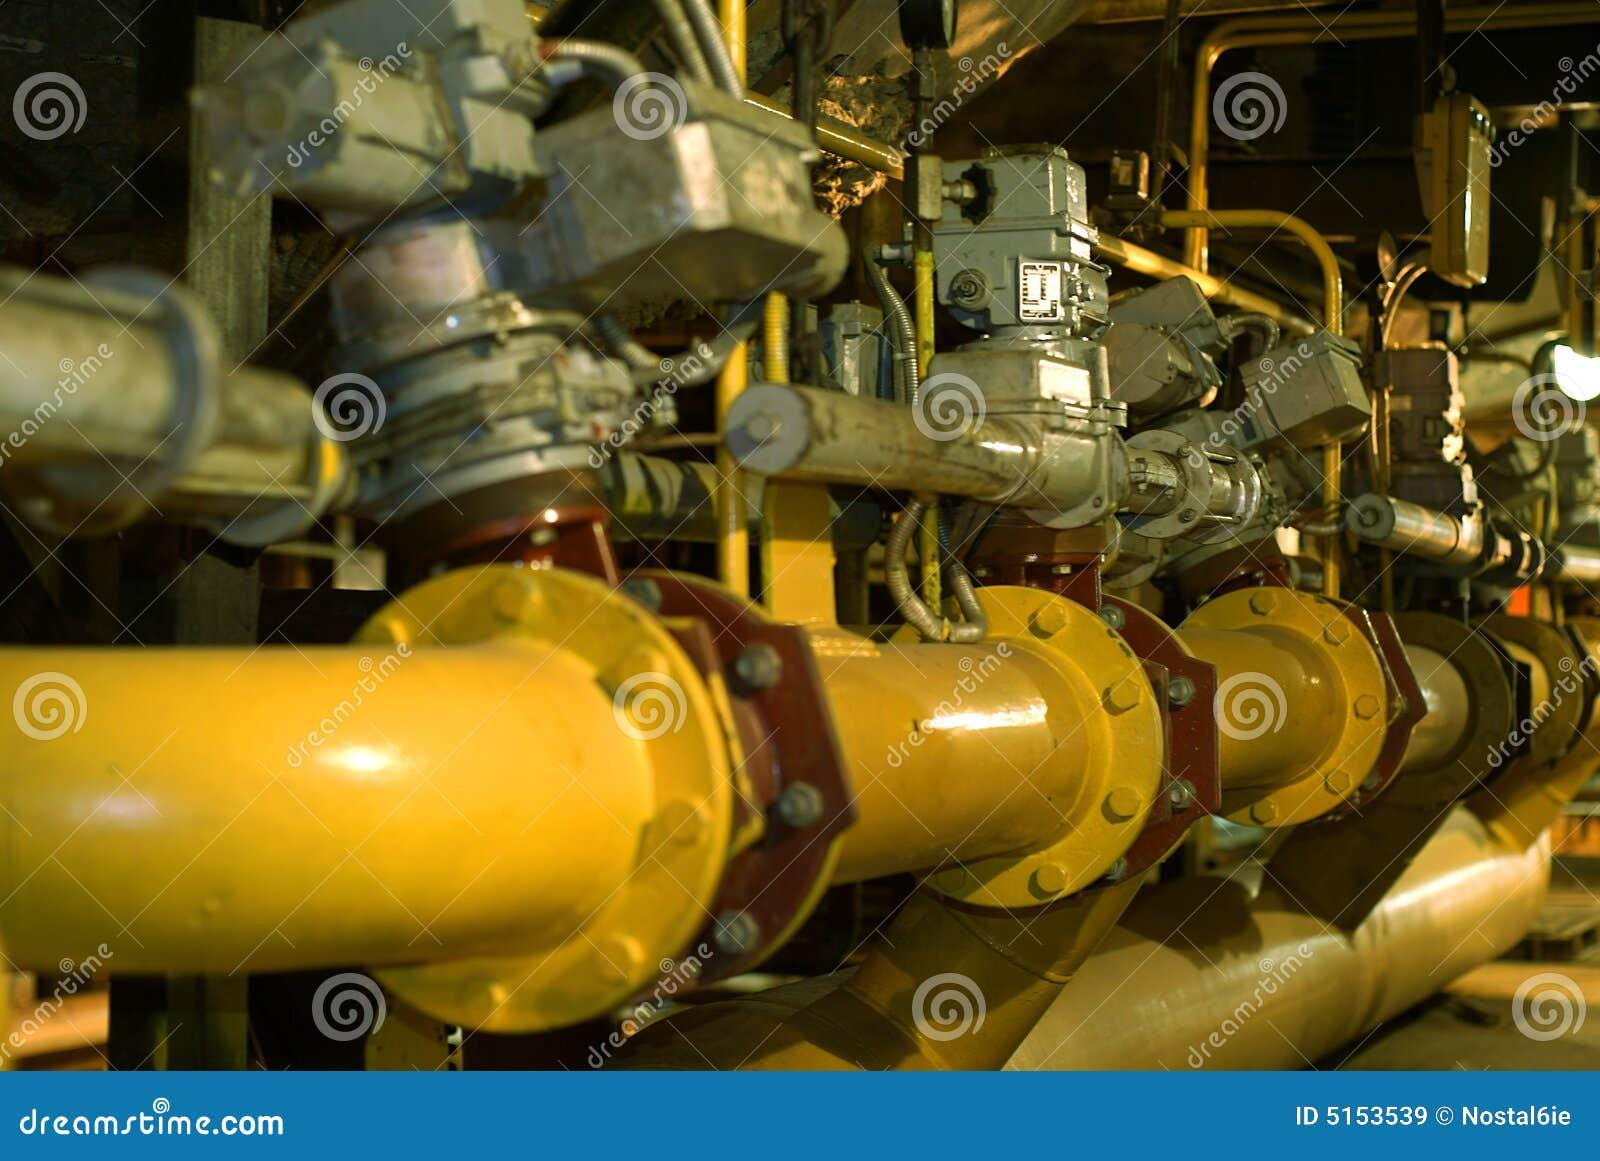 管道系统的处理水